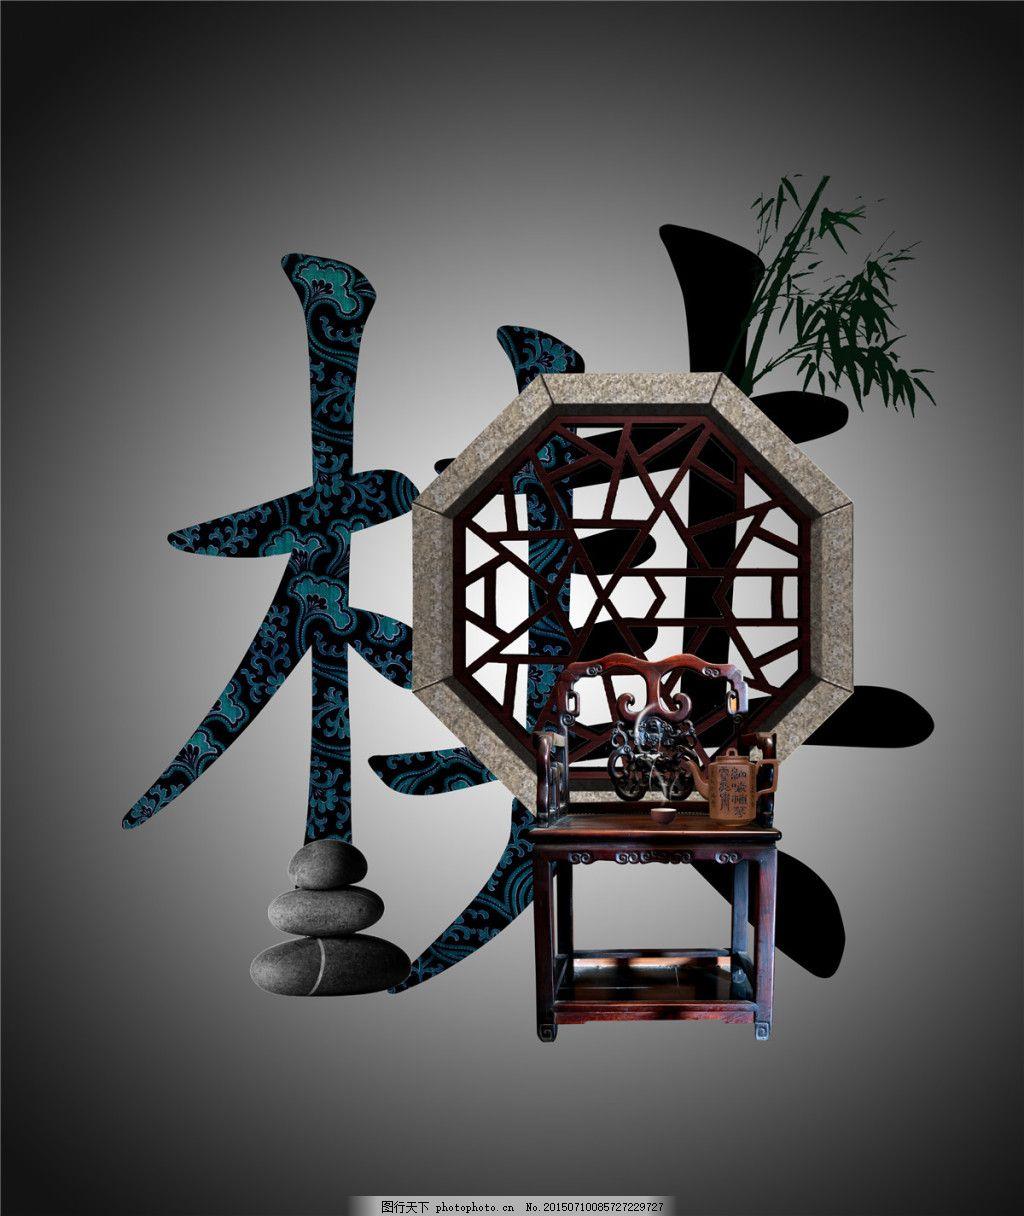 创意中国风文字创意图片